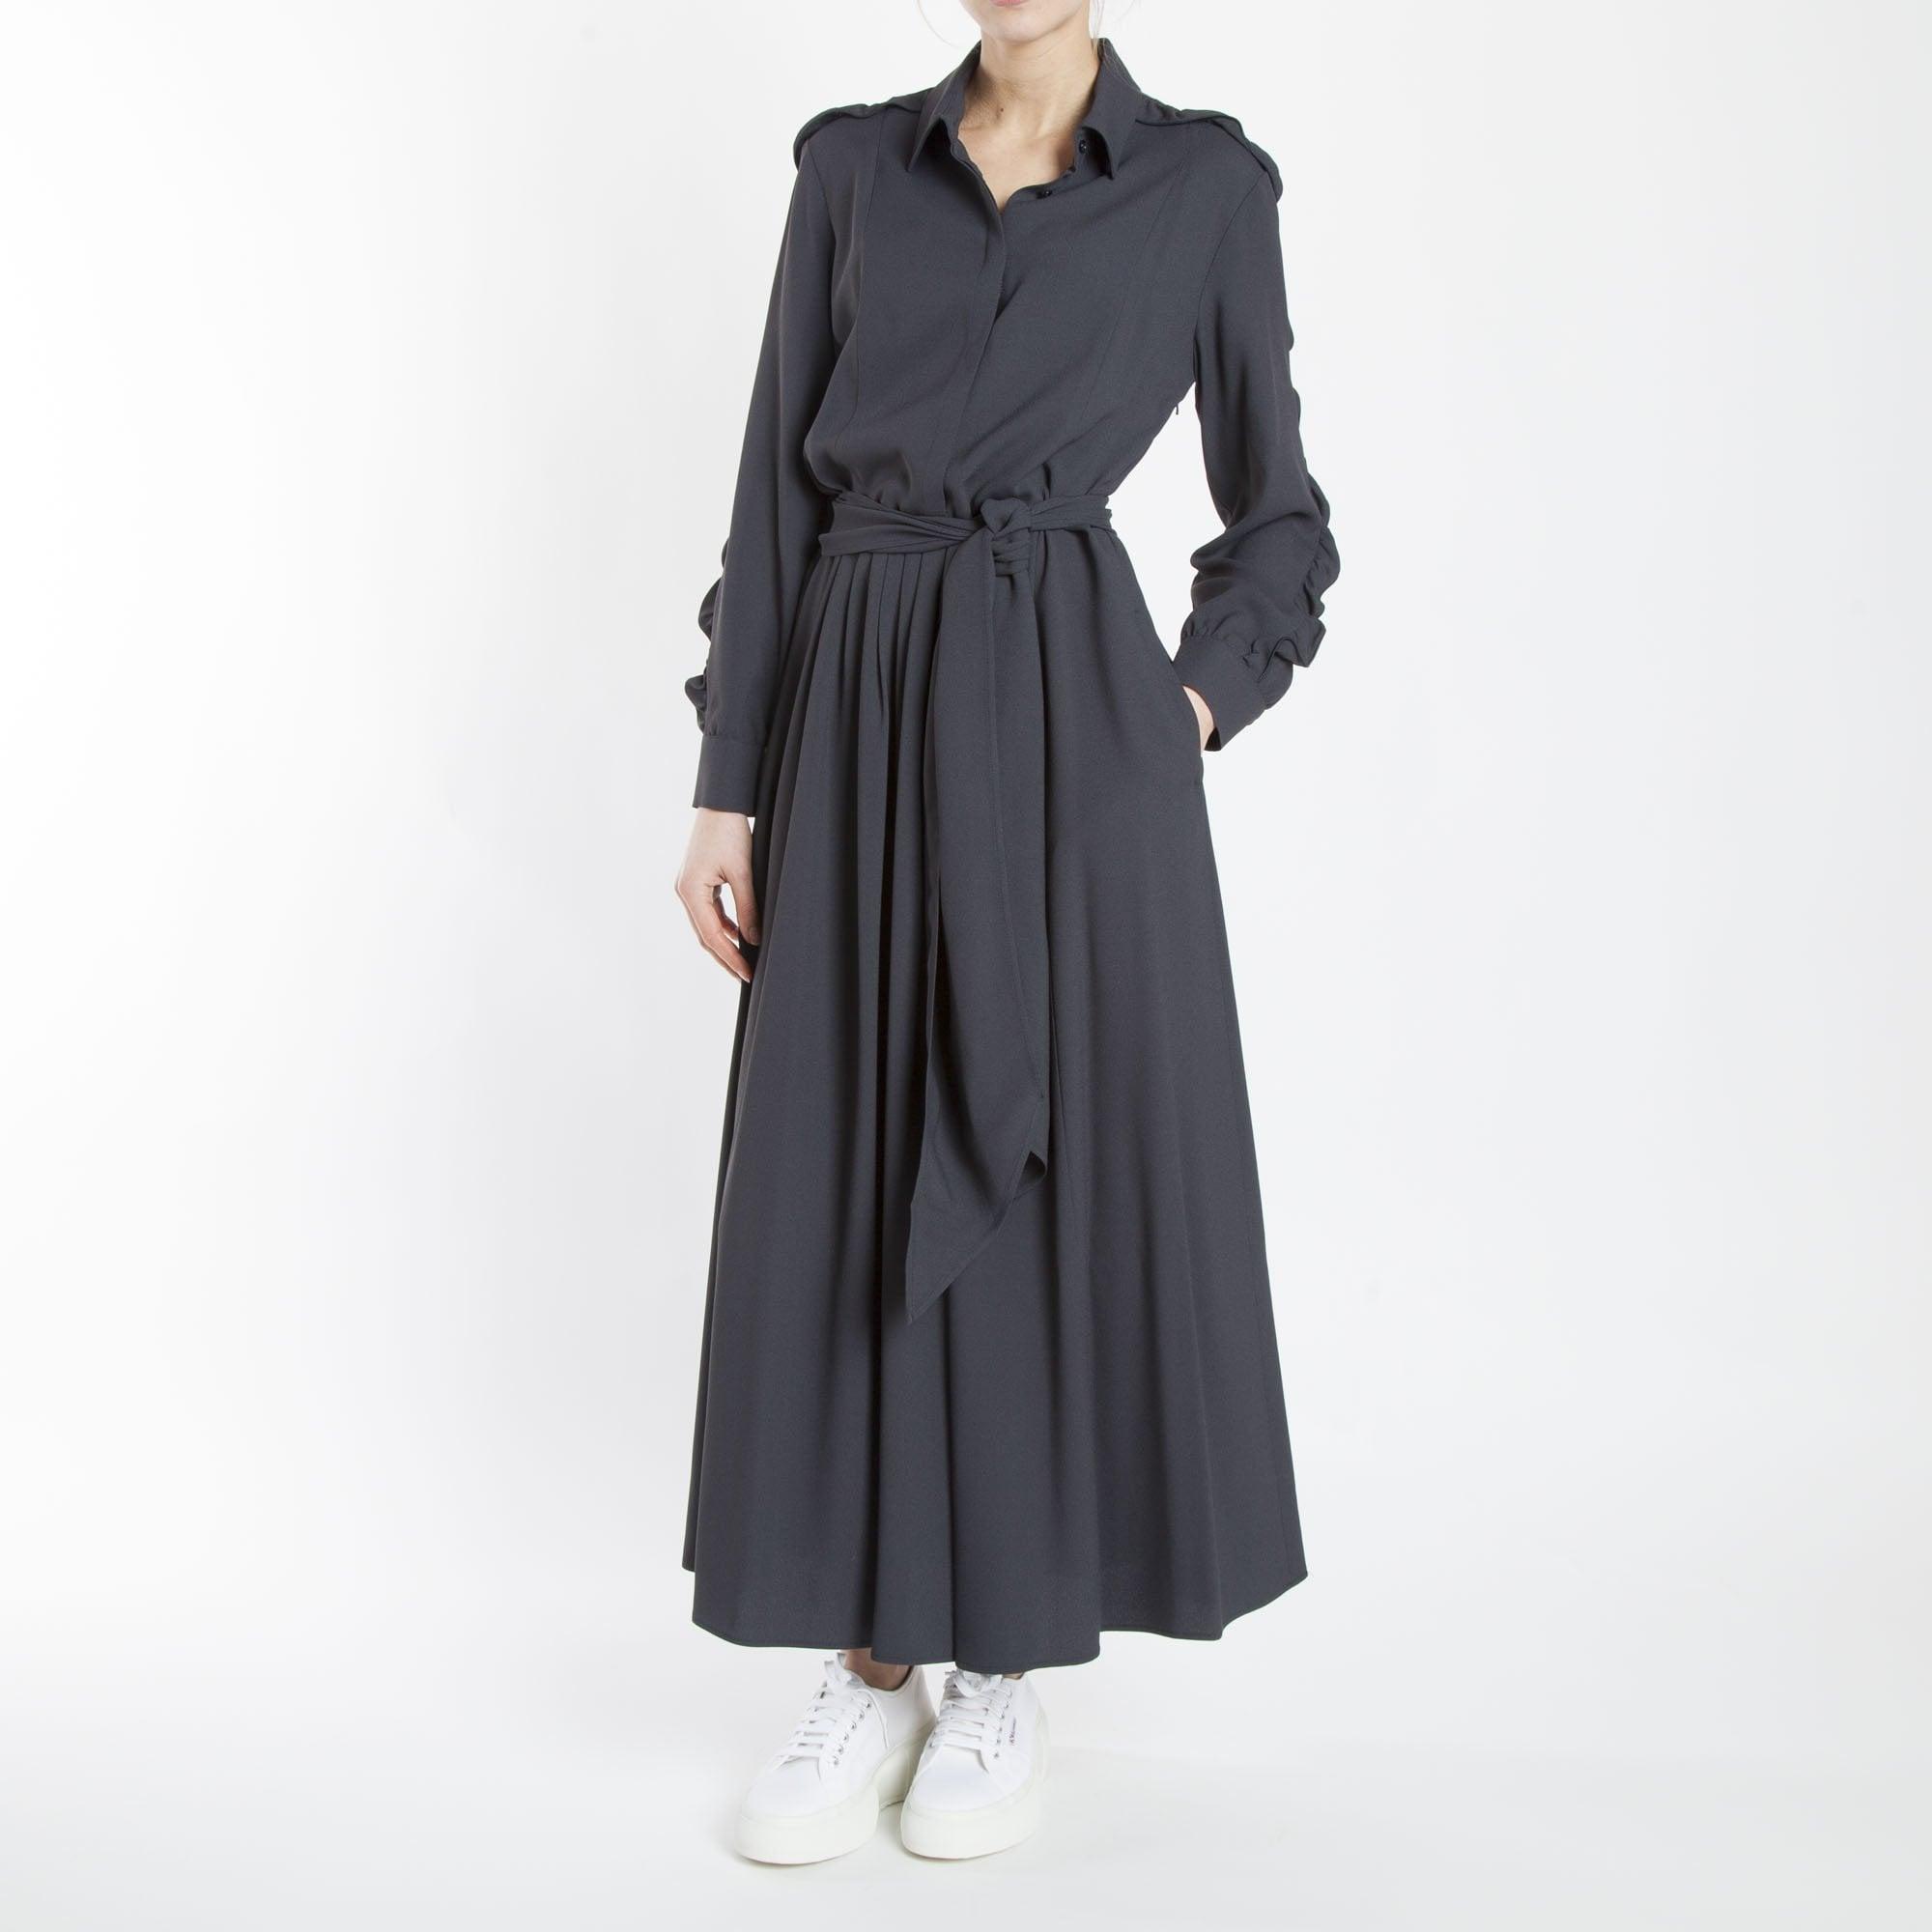 67e9805be82d Nervo Dress in Ultramarine | Collen & Clare